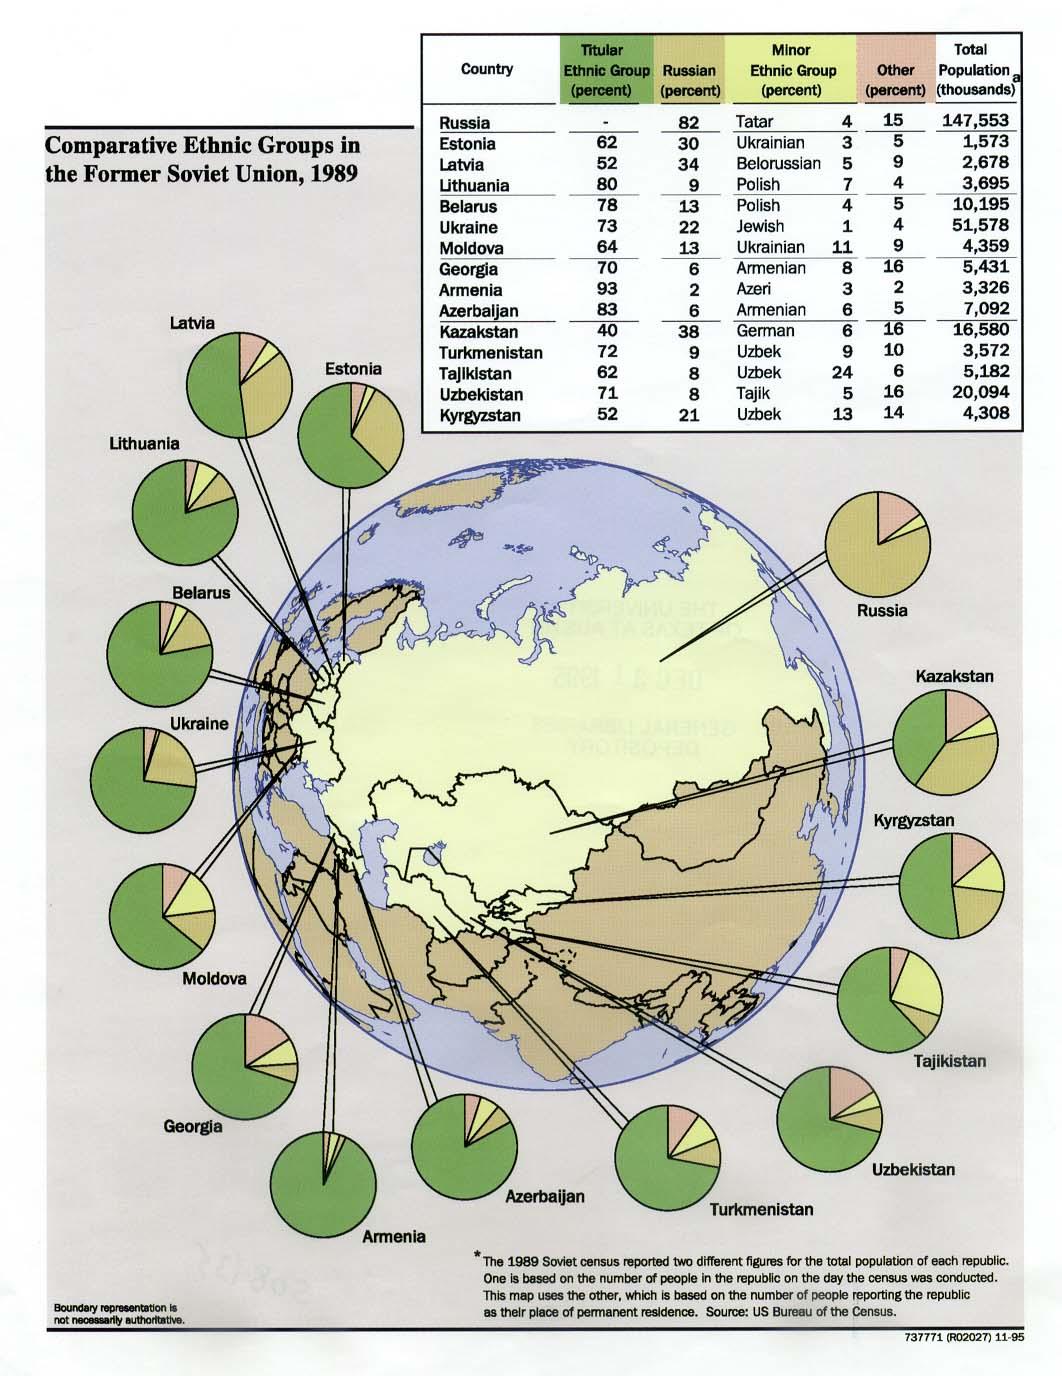 Mapa Comparativa de los Grupos Étnicos en la Antigua Unión Soviética